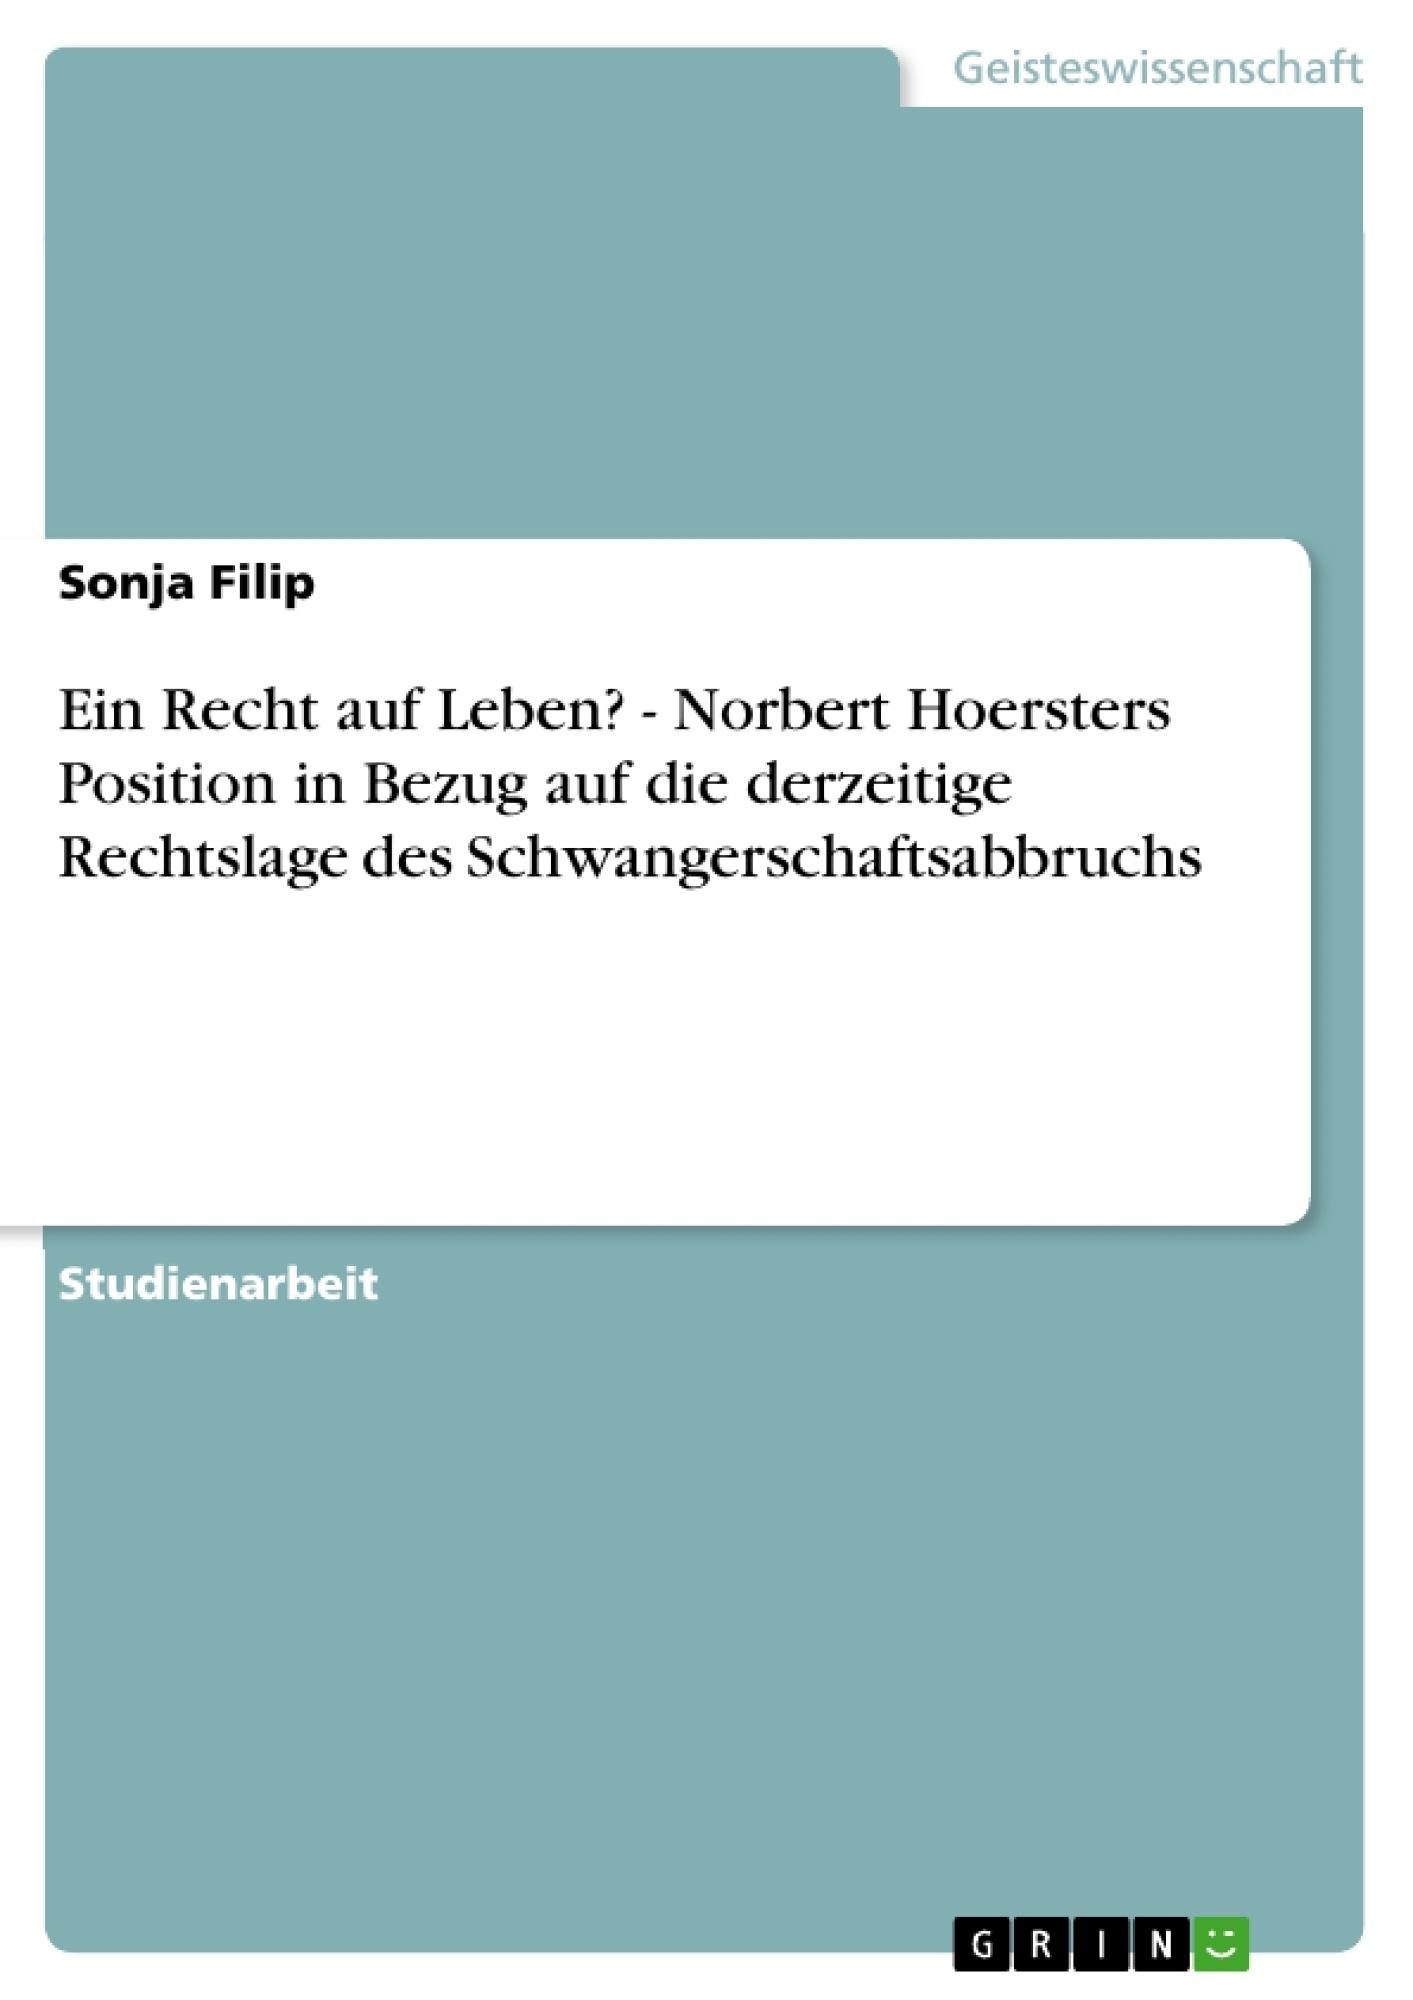 Titel: Ein Recht auf Leben? -  Norbert Hoersters Position in Bezug auf die derzeitige Rechtslage des Schwangerschaftsabbruchs